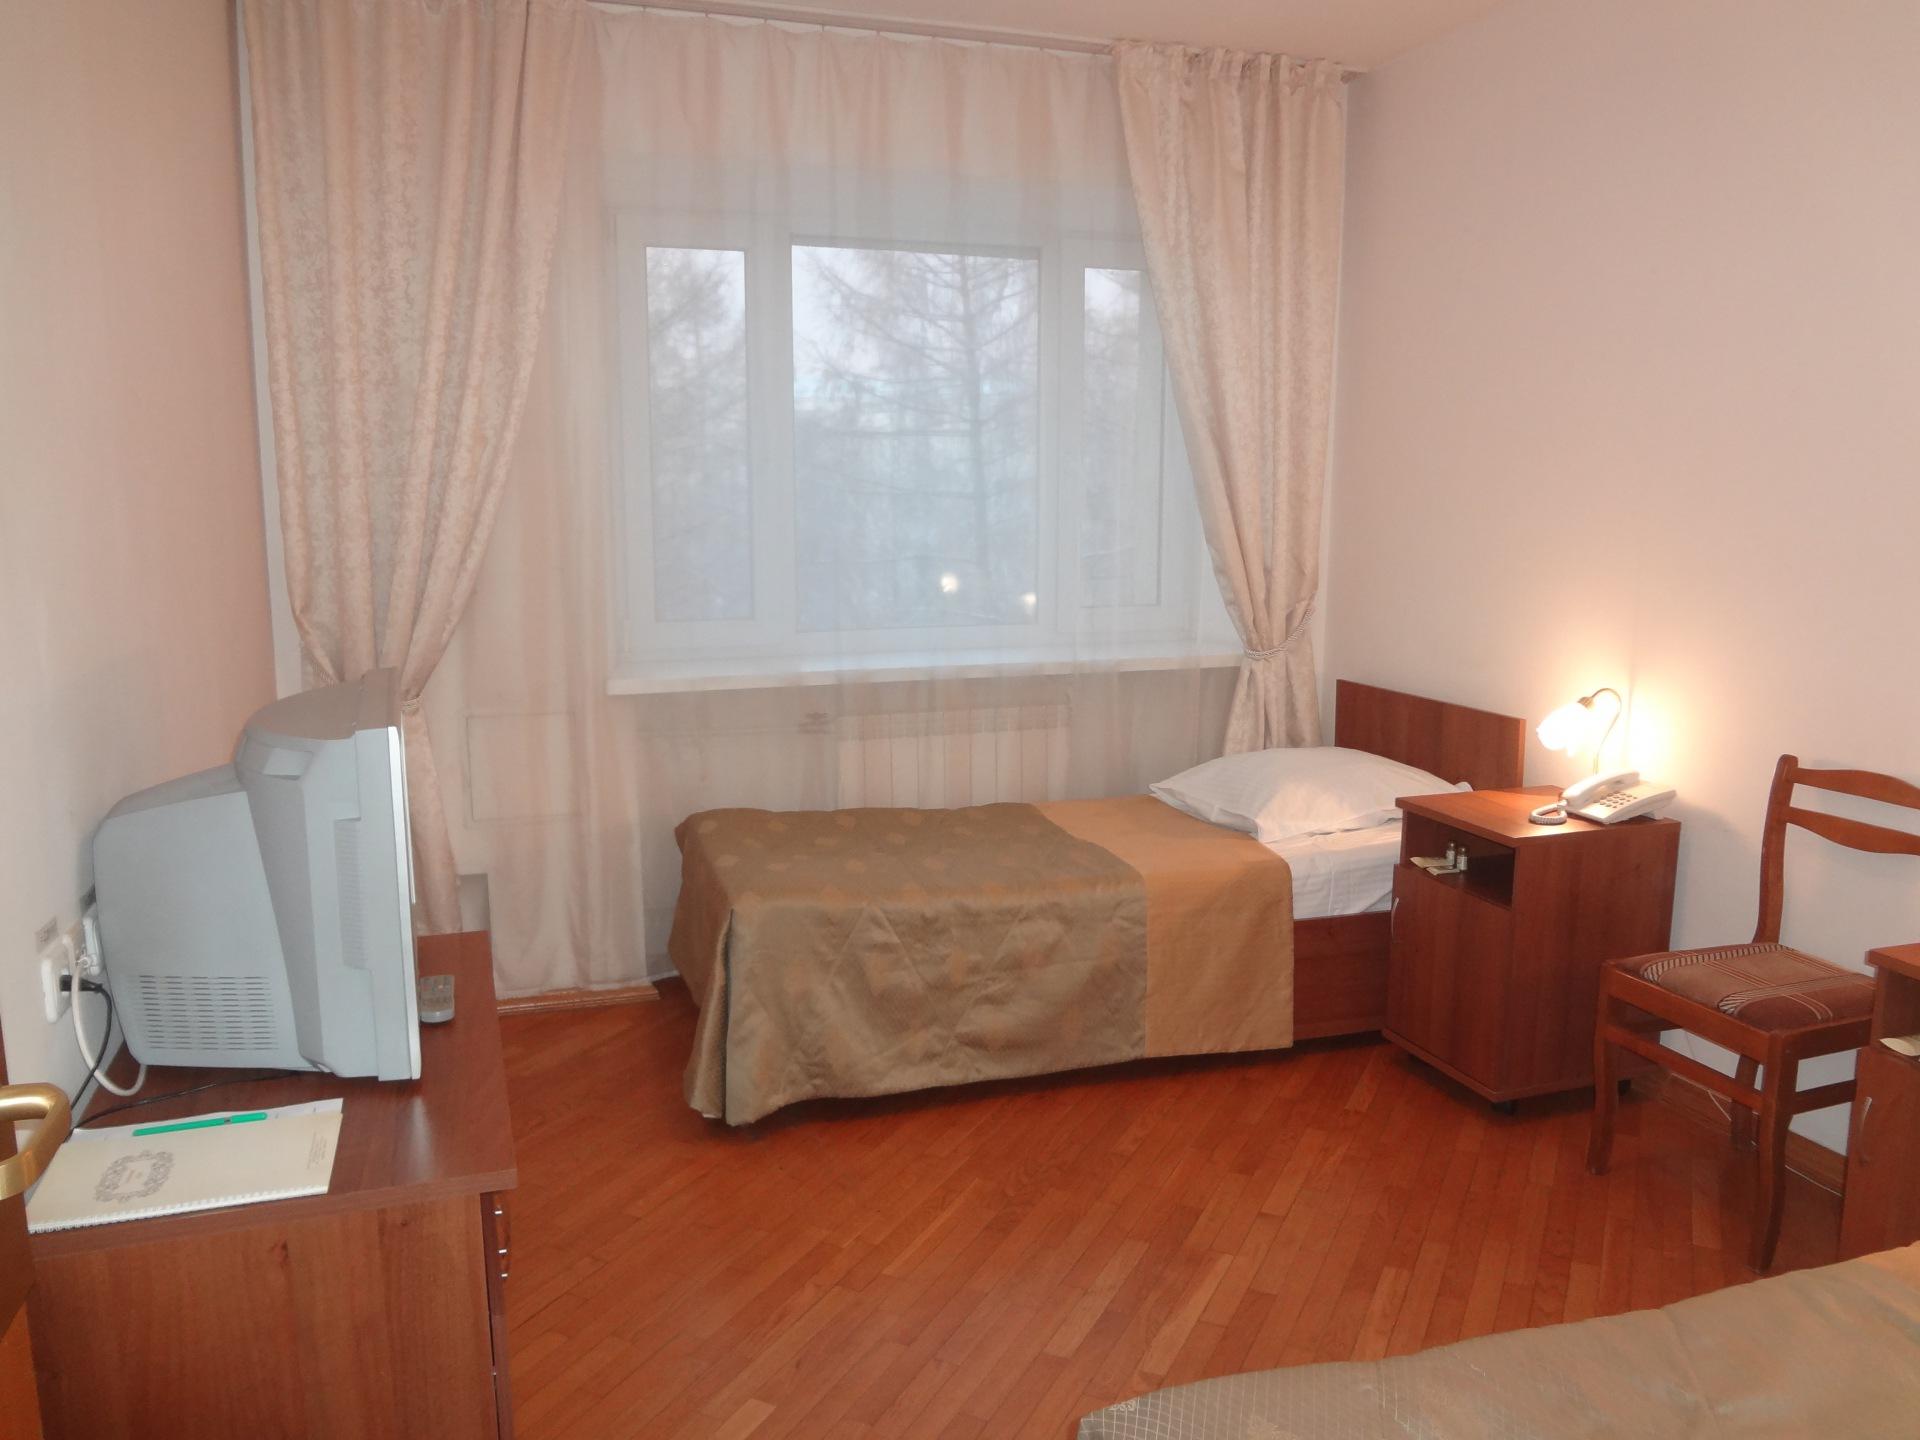 Дешевые гостиницы Екатеринбурга - Oktogo ru